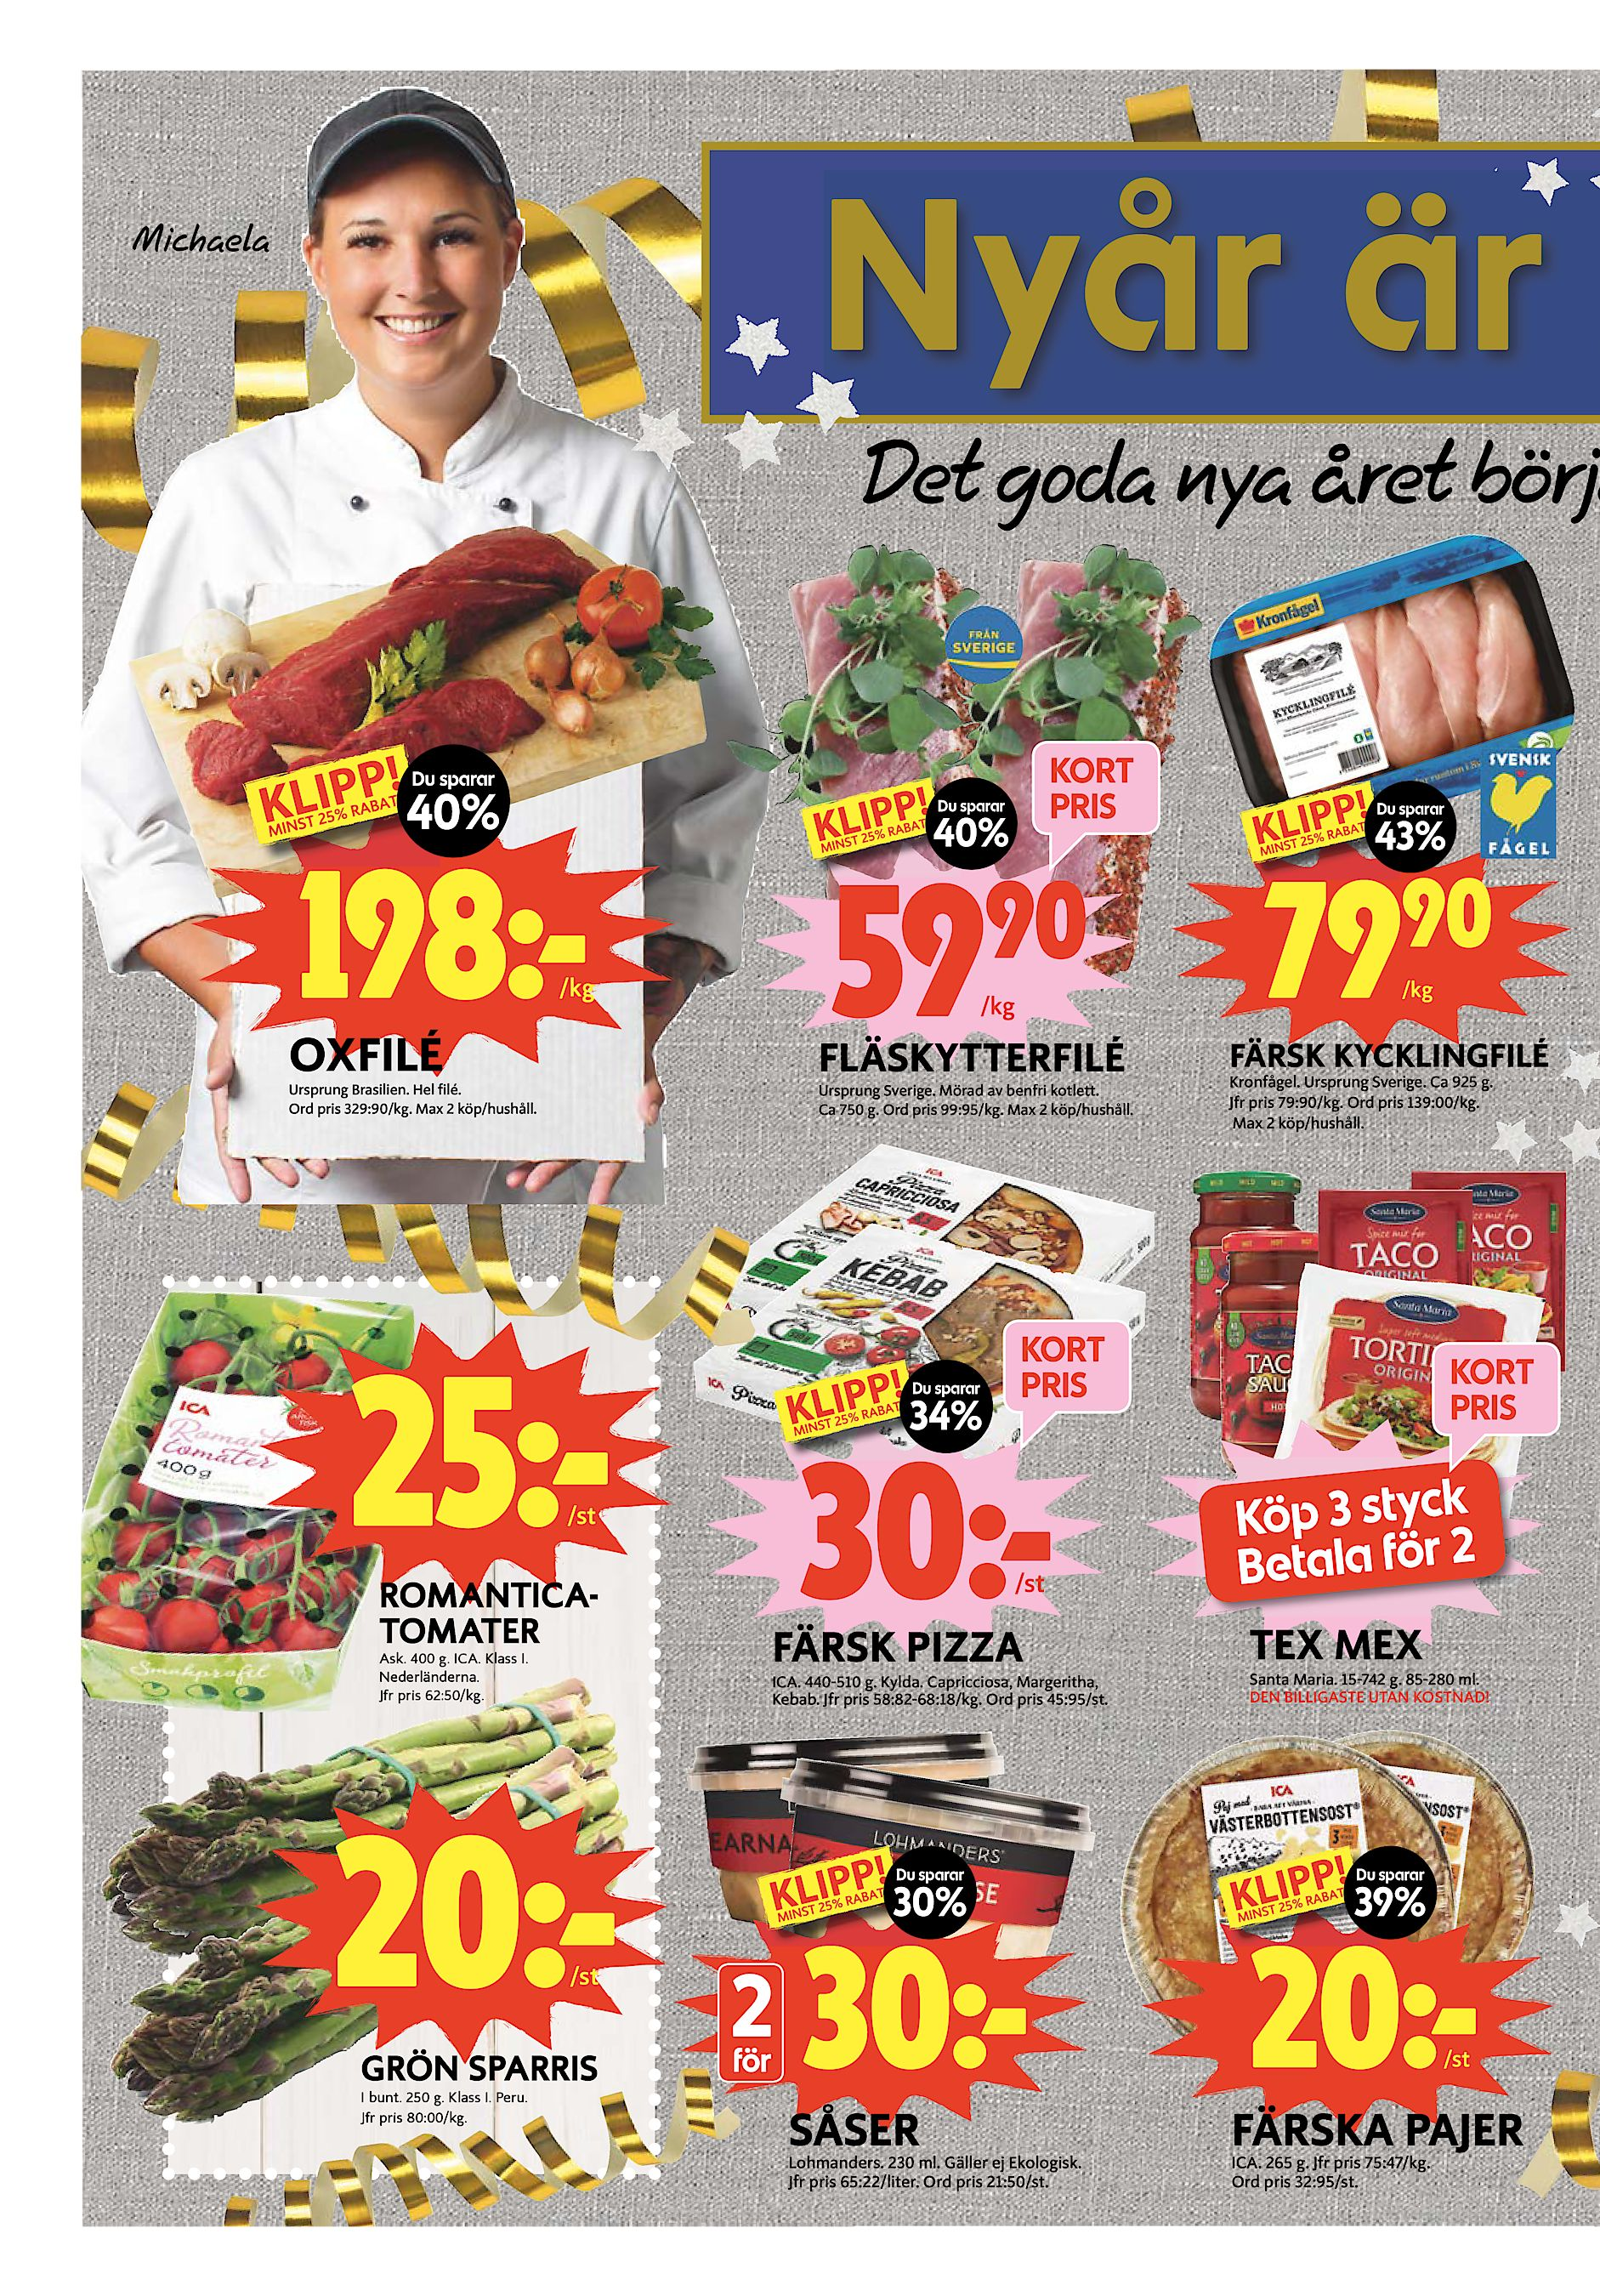 16 fredag 28 december 2018 Lerums Tidning Nyår är Michaela Det goda nya  året börja KORT PRIS Du sparar 40% Du sparar 40% 198ª 59 90  kg  kg OXFILÉ  ... 67d6df06d1e01